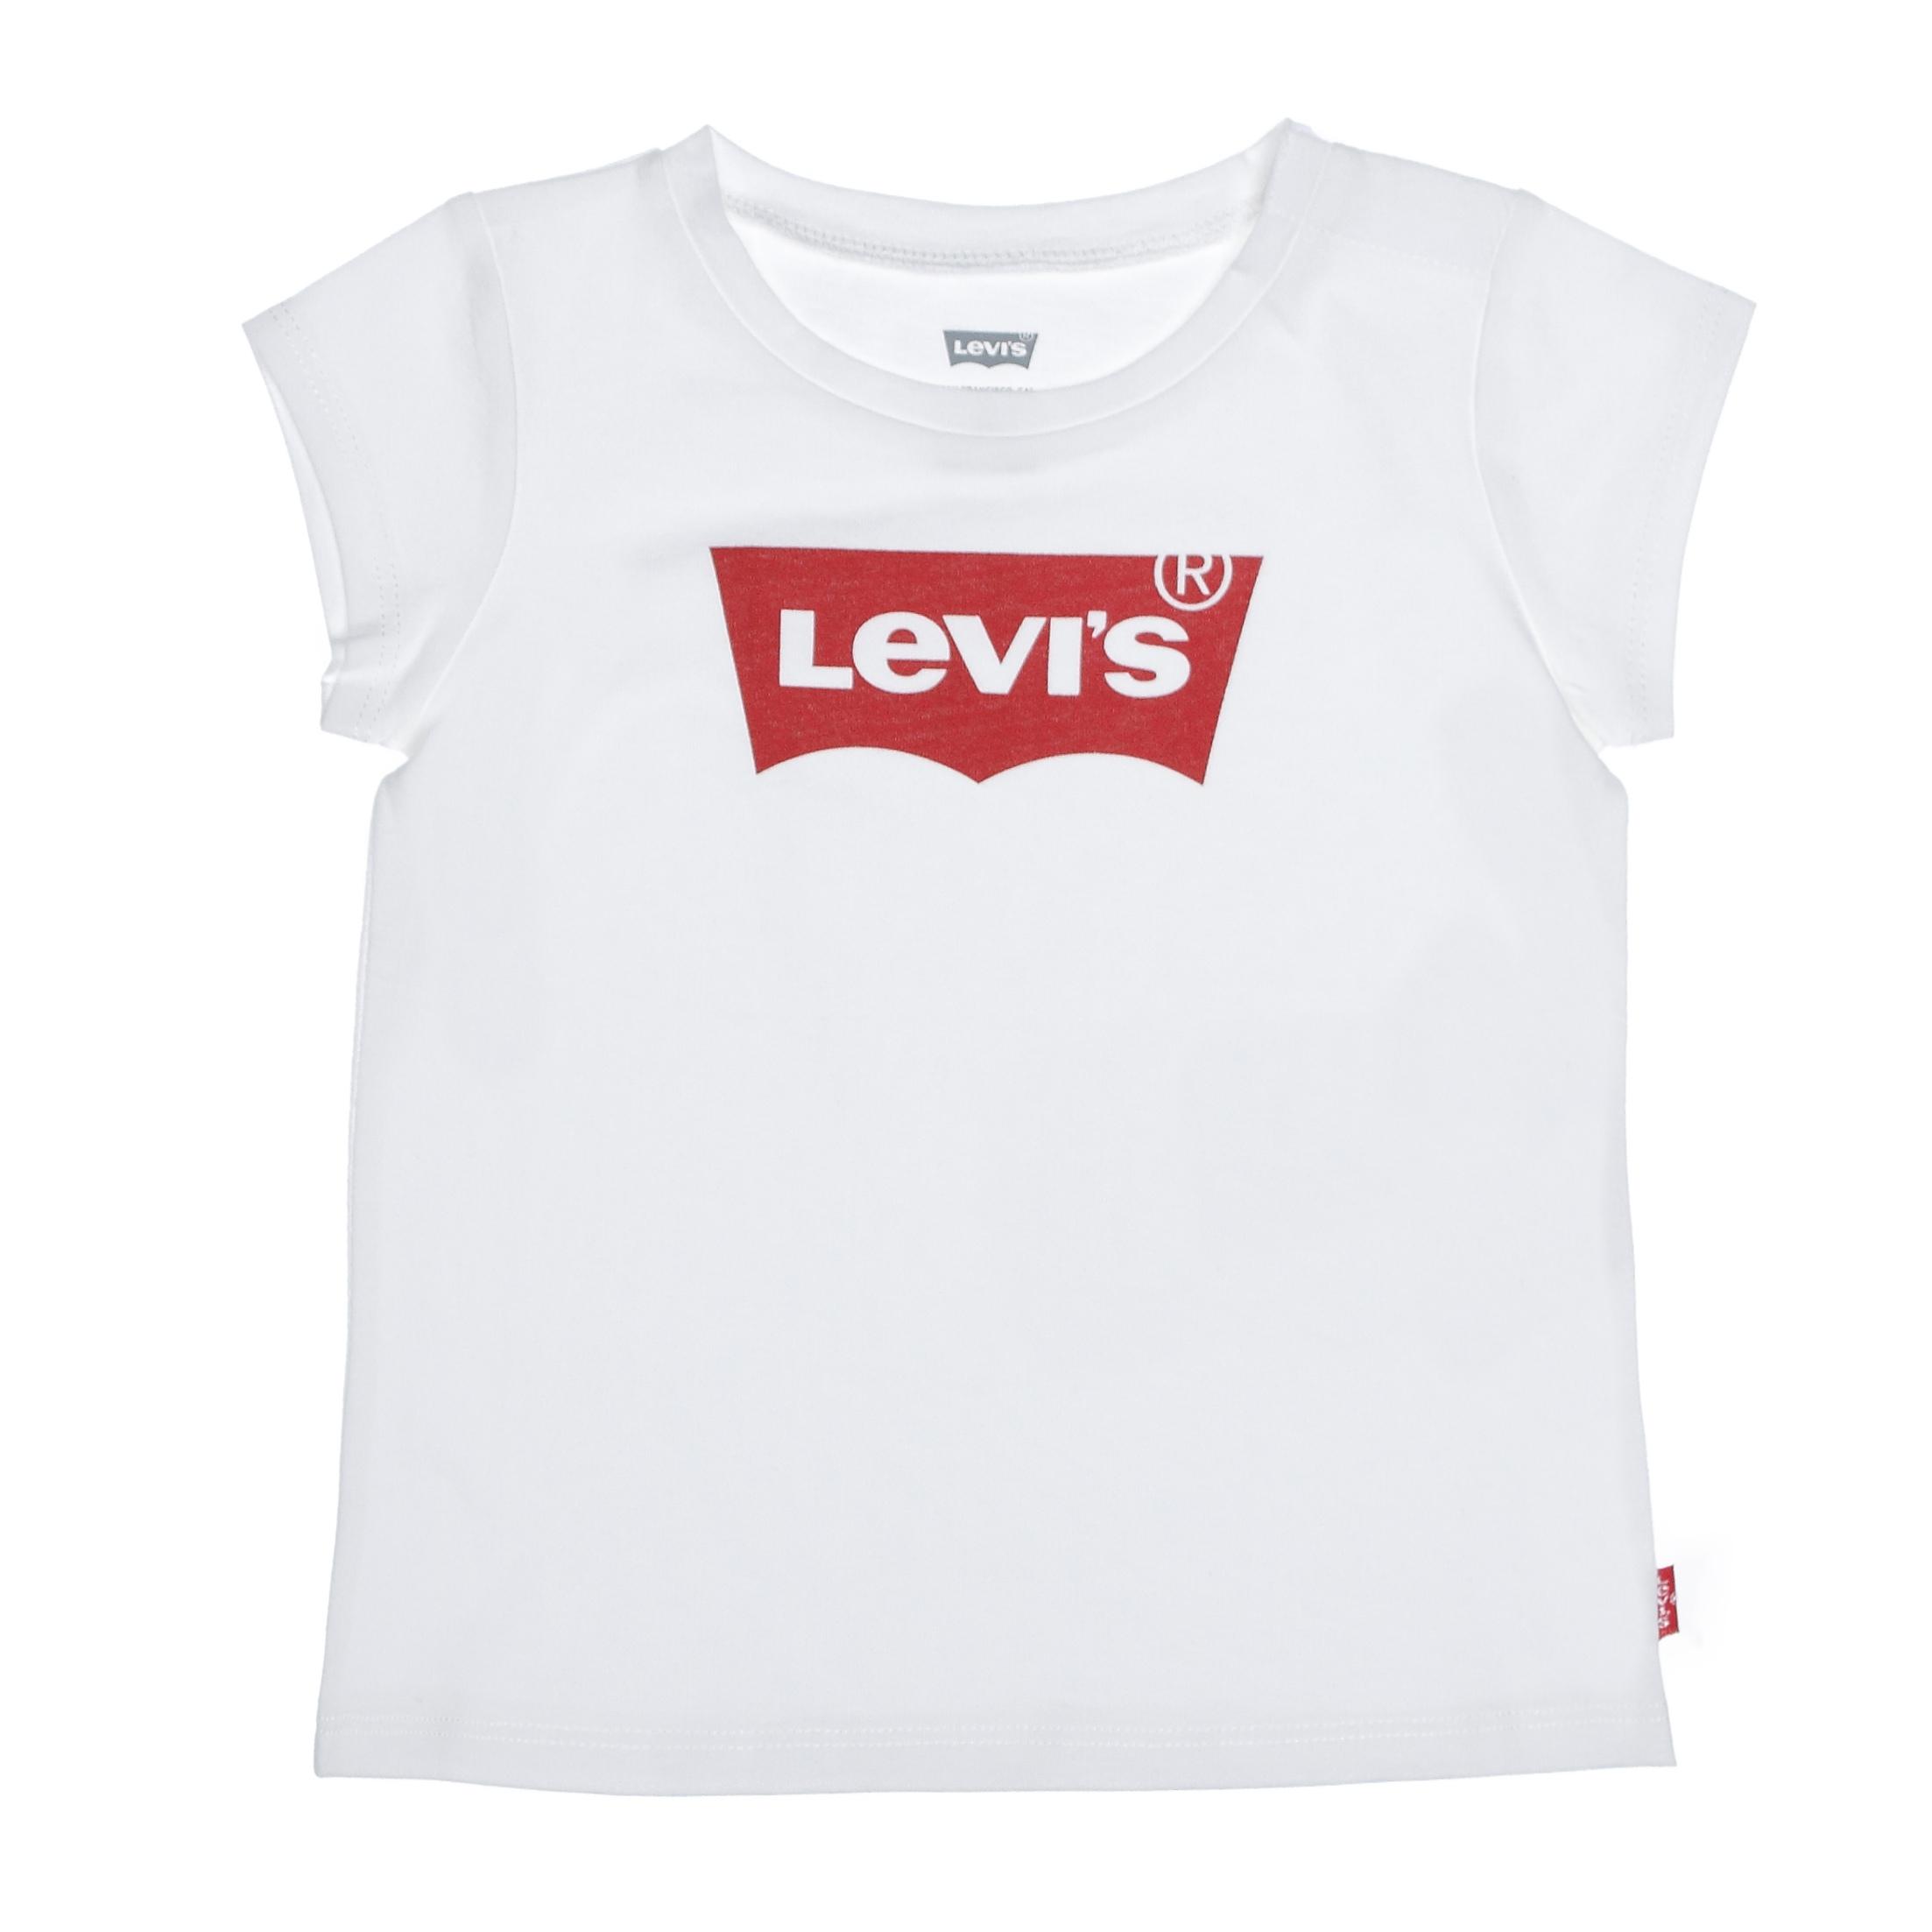 https://www.leadermode.com/199473/levi-s-kids-b526-w5j-red-white.jpg